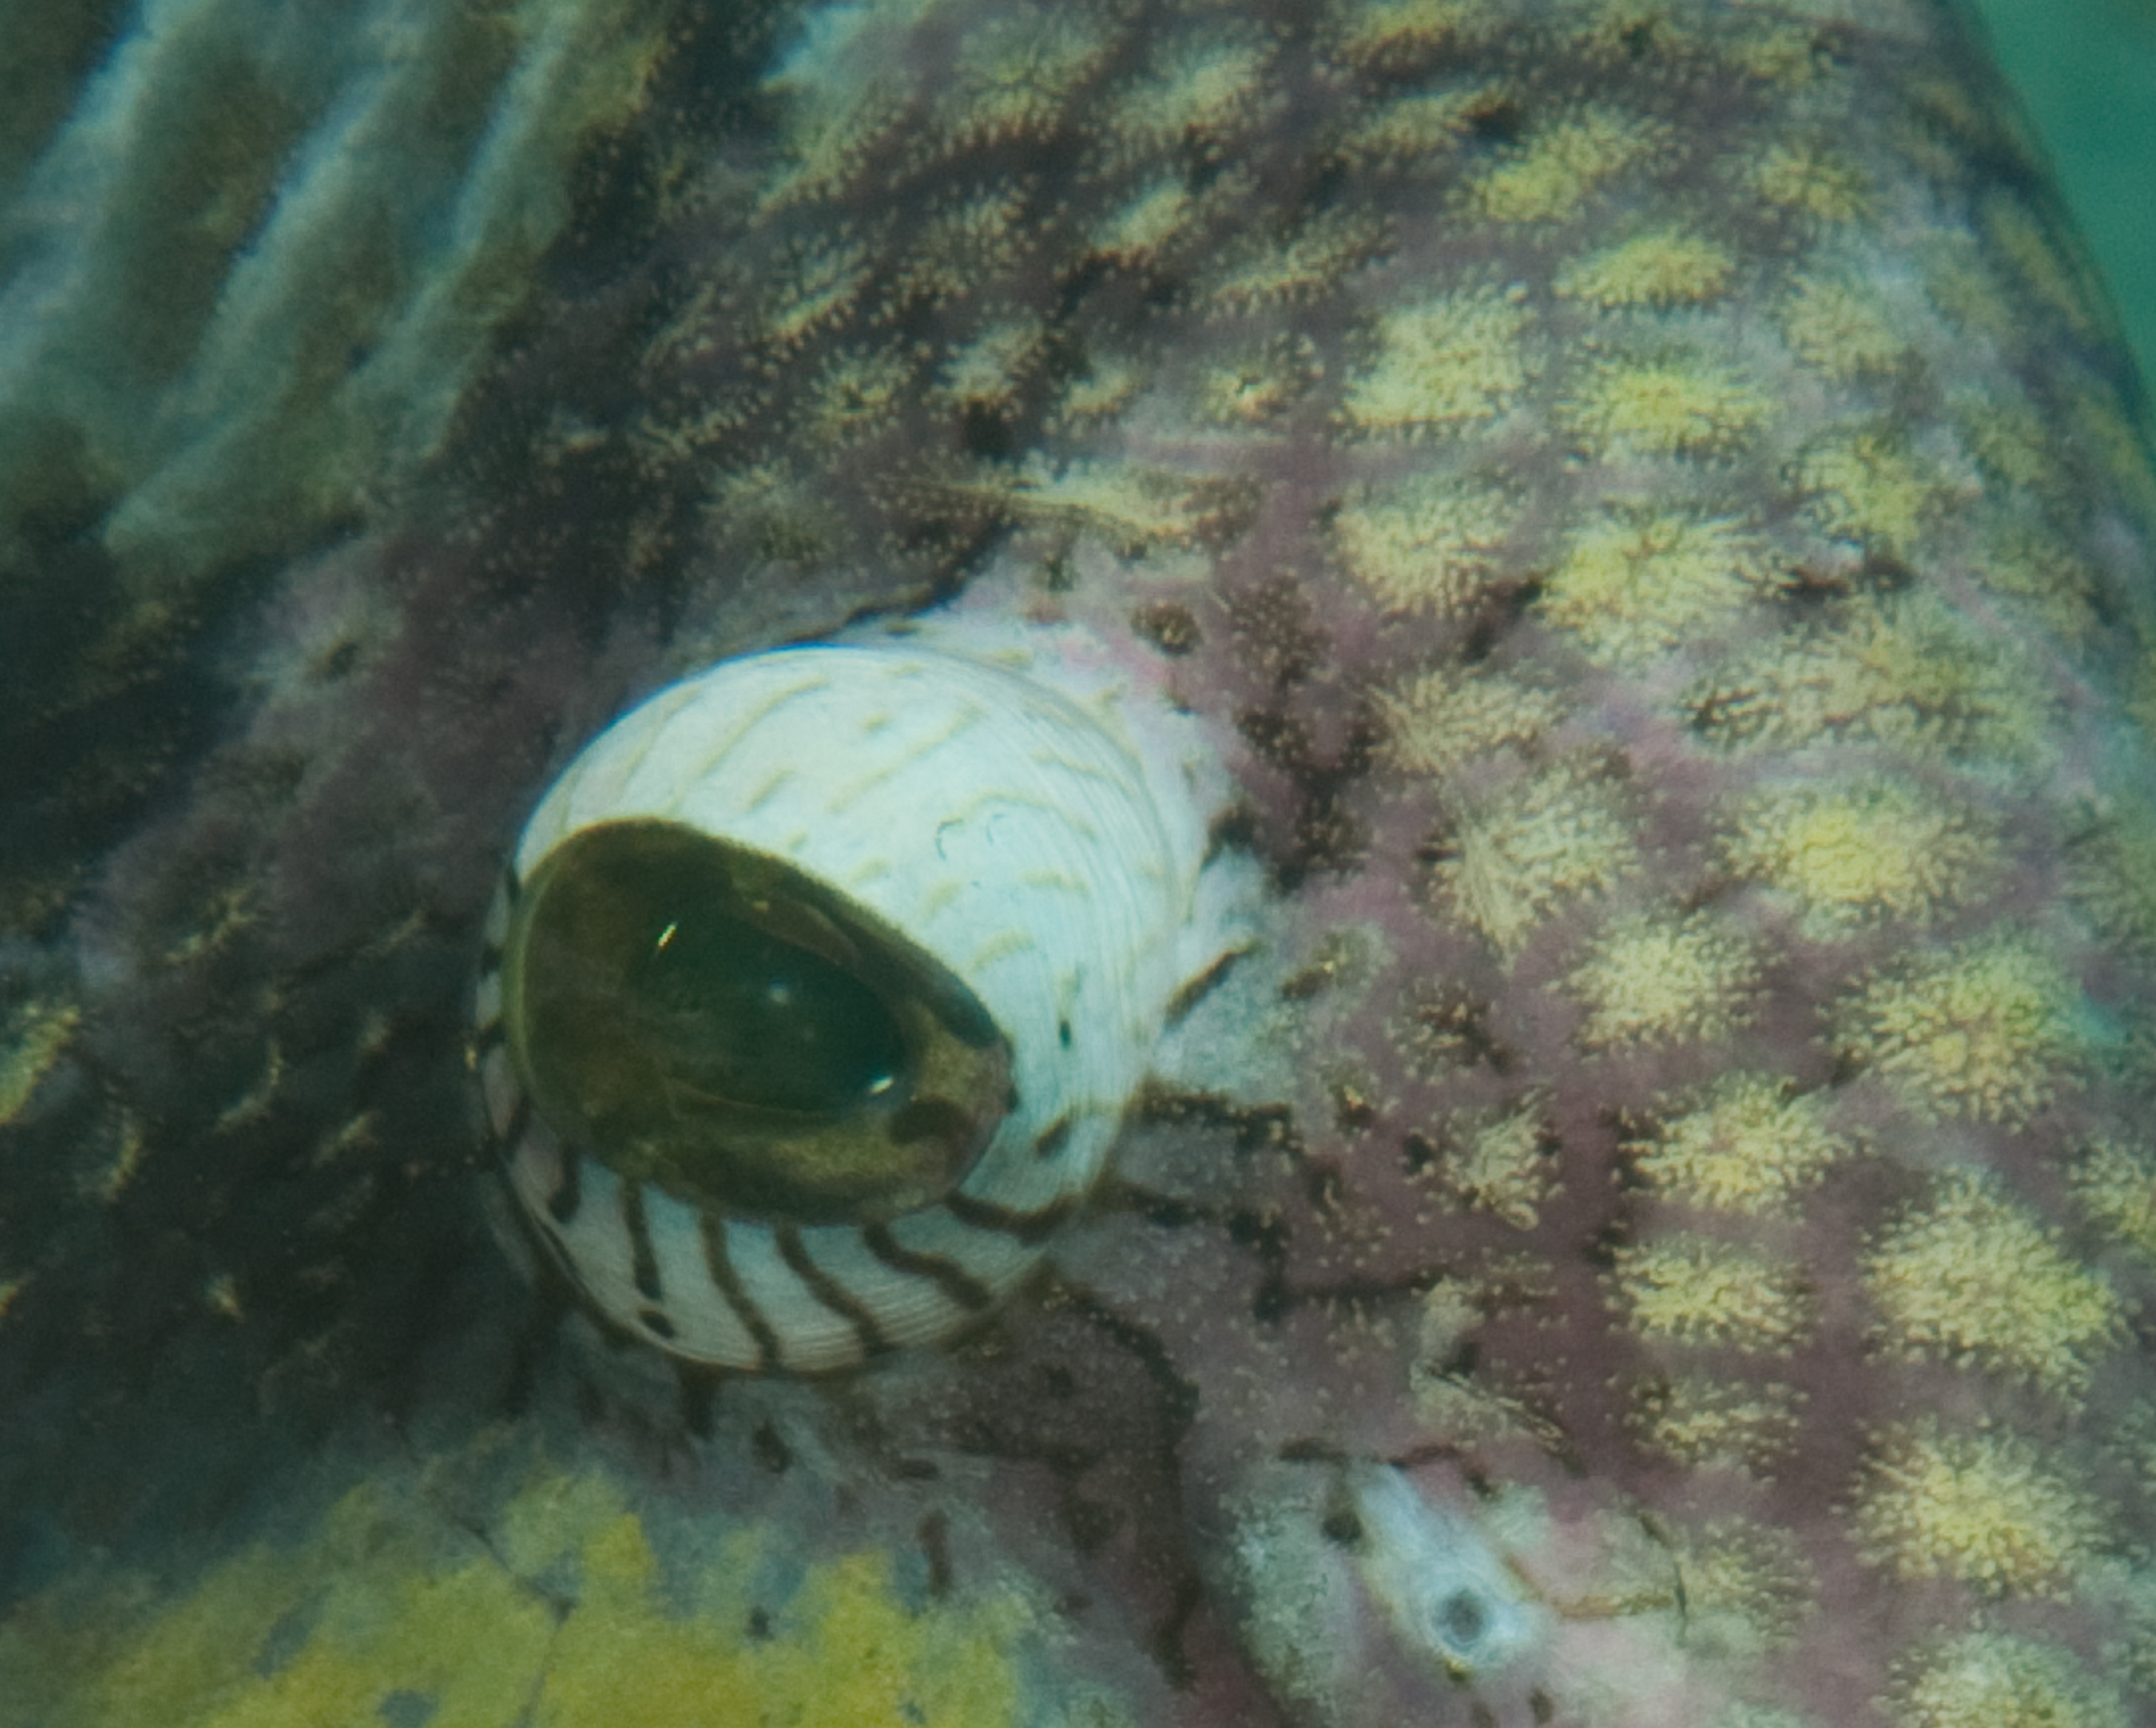 Australian_Diving/DSC_0018.jpg